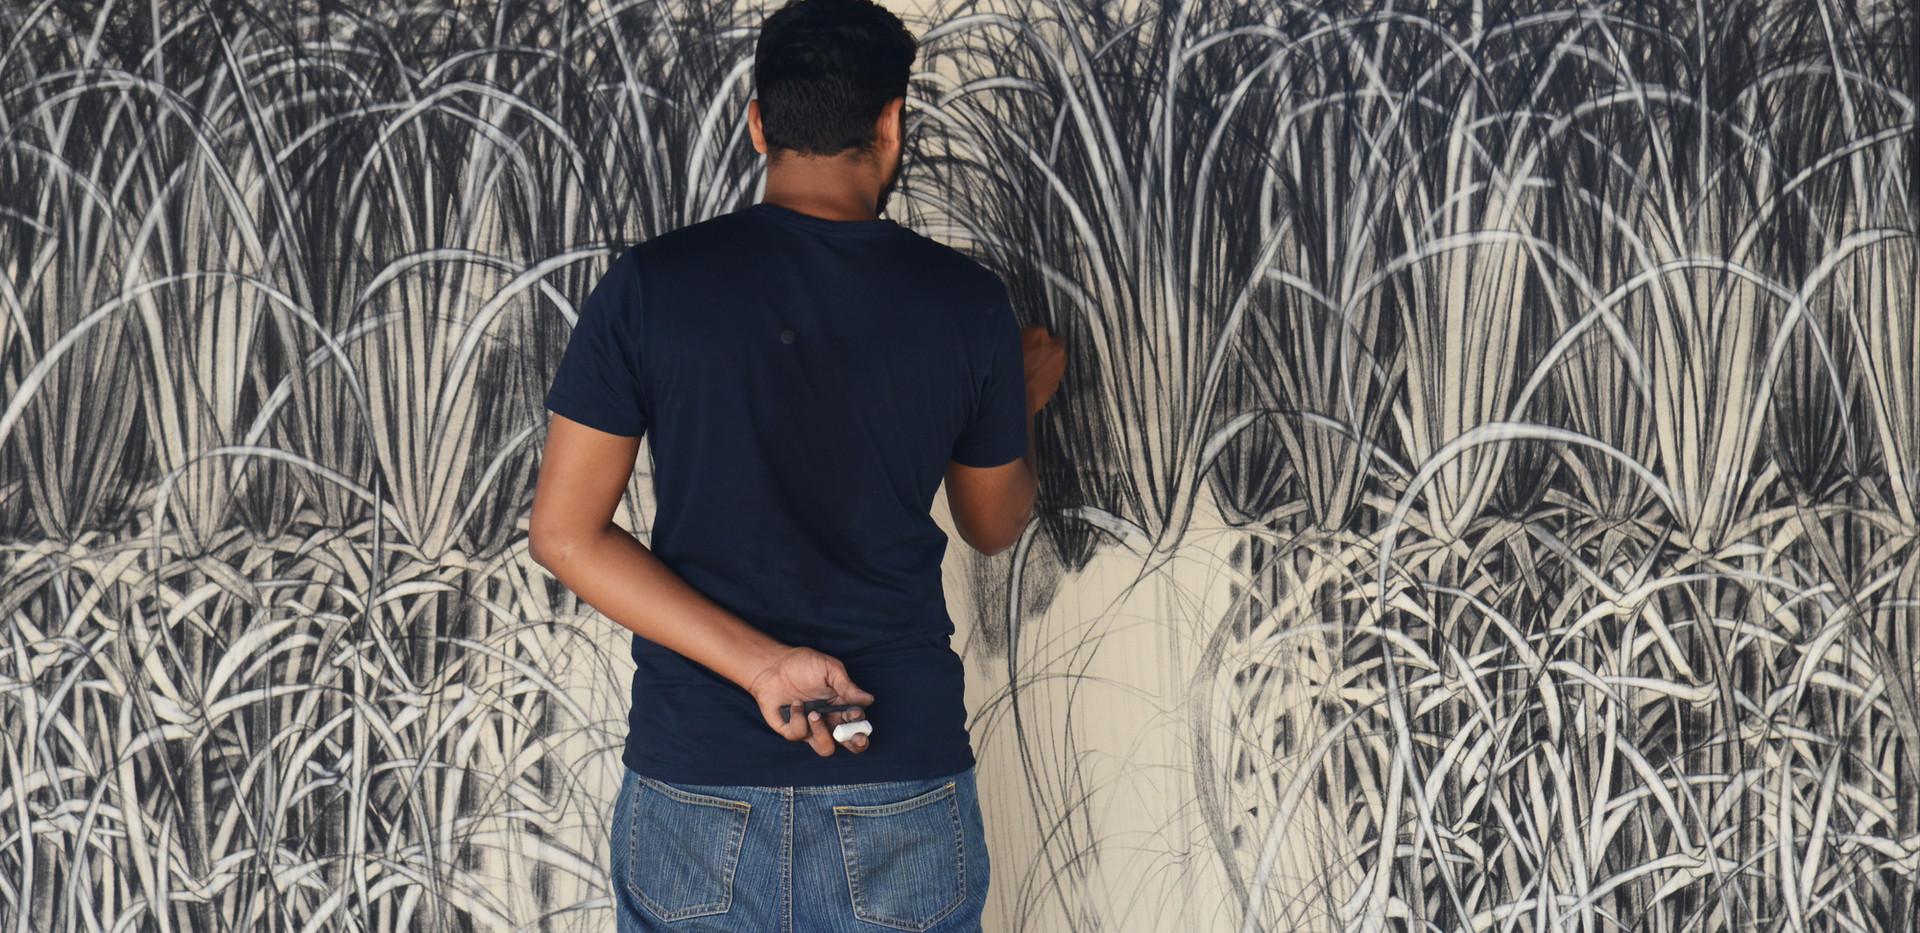 Dhiraj Pednekar creating his artwork onsite